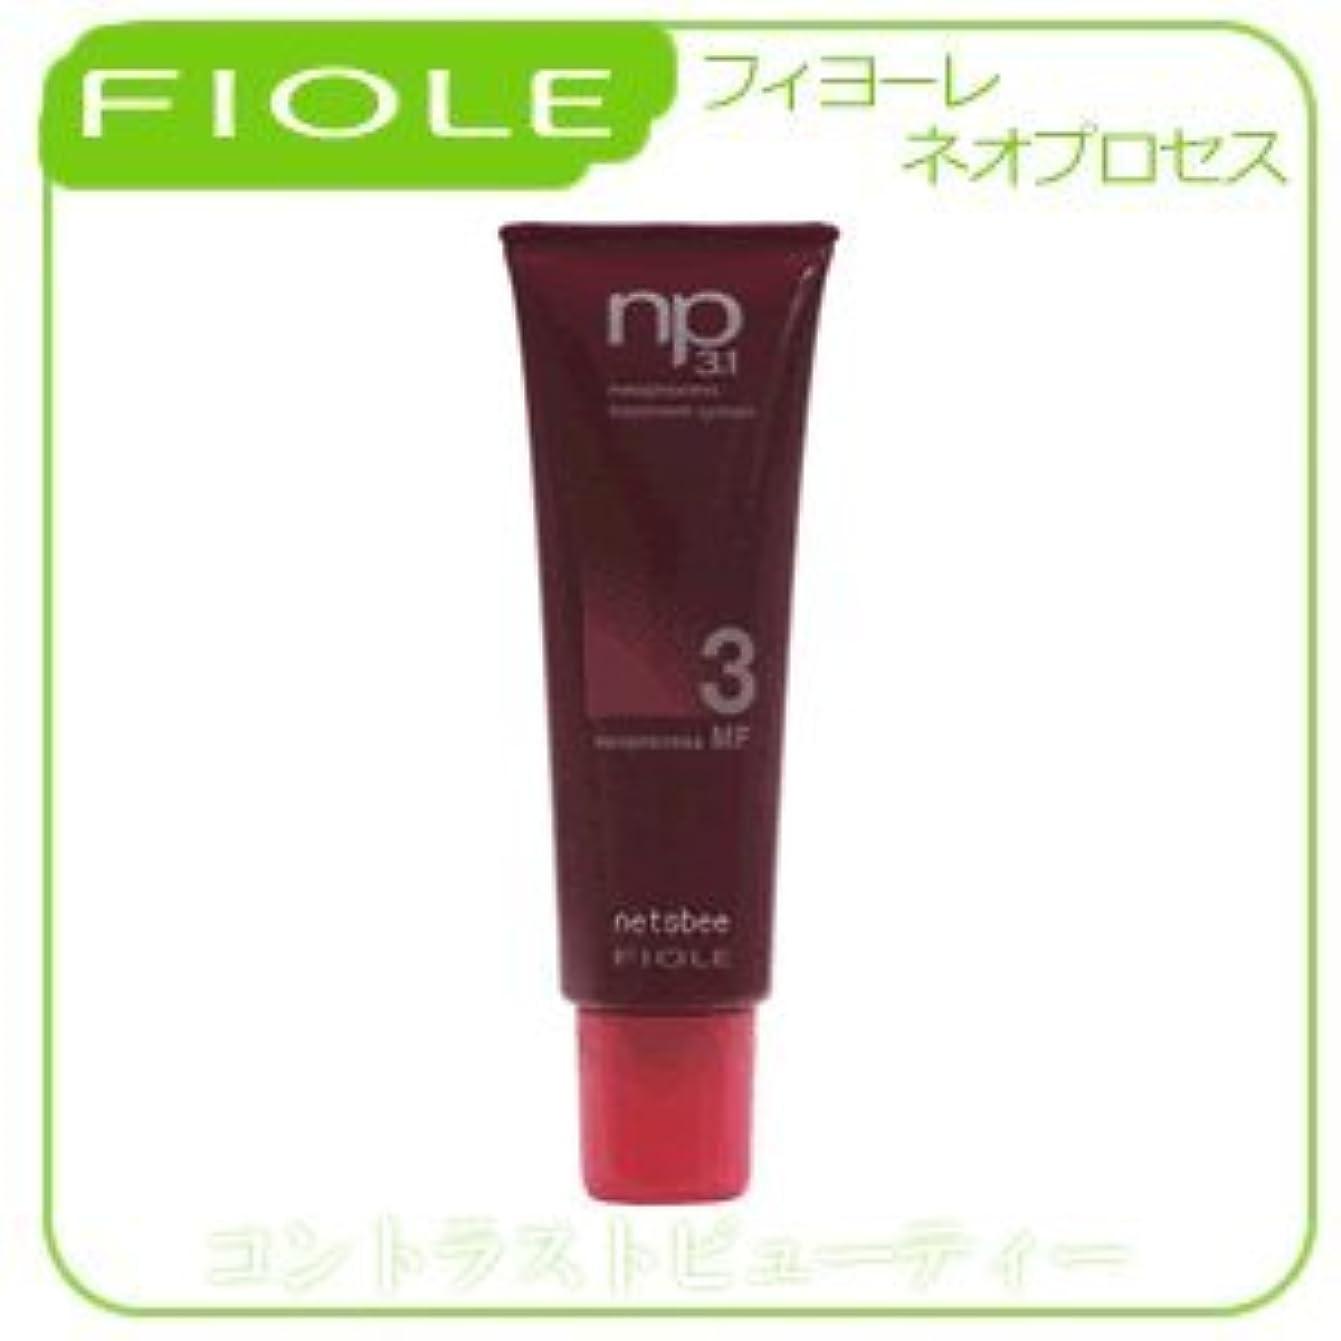 後者船員シャッター【X2個セット】 フィヨーレ NP3.1 ネオプロセス MF3 130g FIOLE ネオプロセス